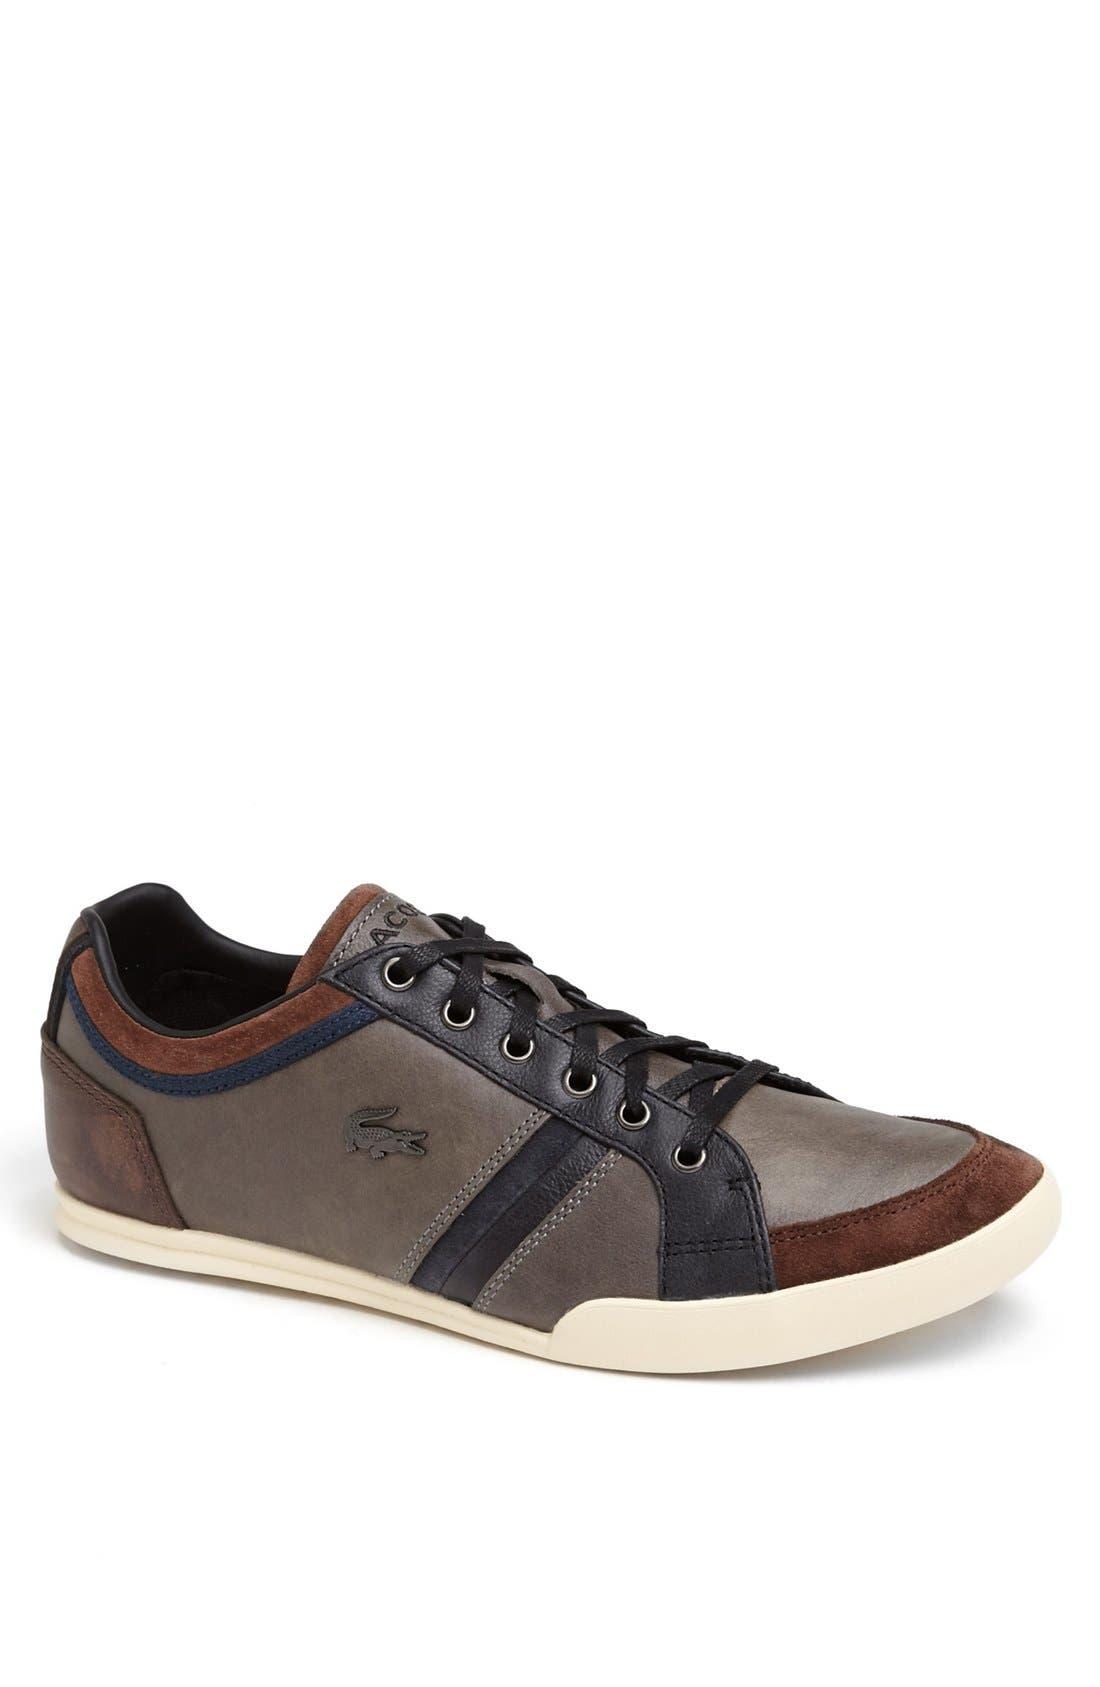 Alternate Image 1 Selected - Lacoste 'Rayford 3' Sneaker (Men)